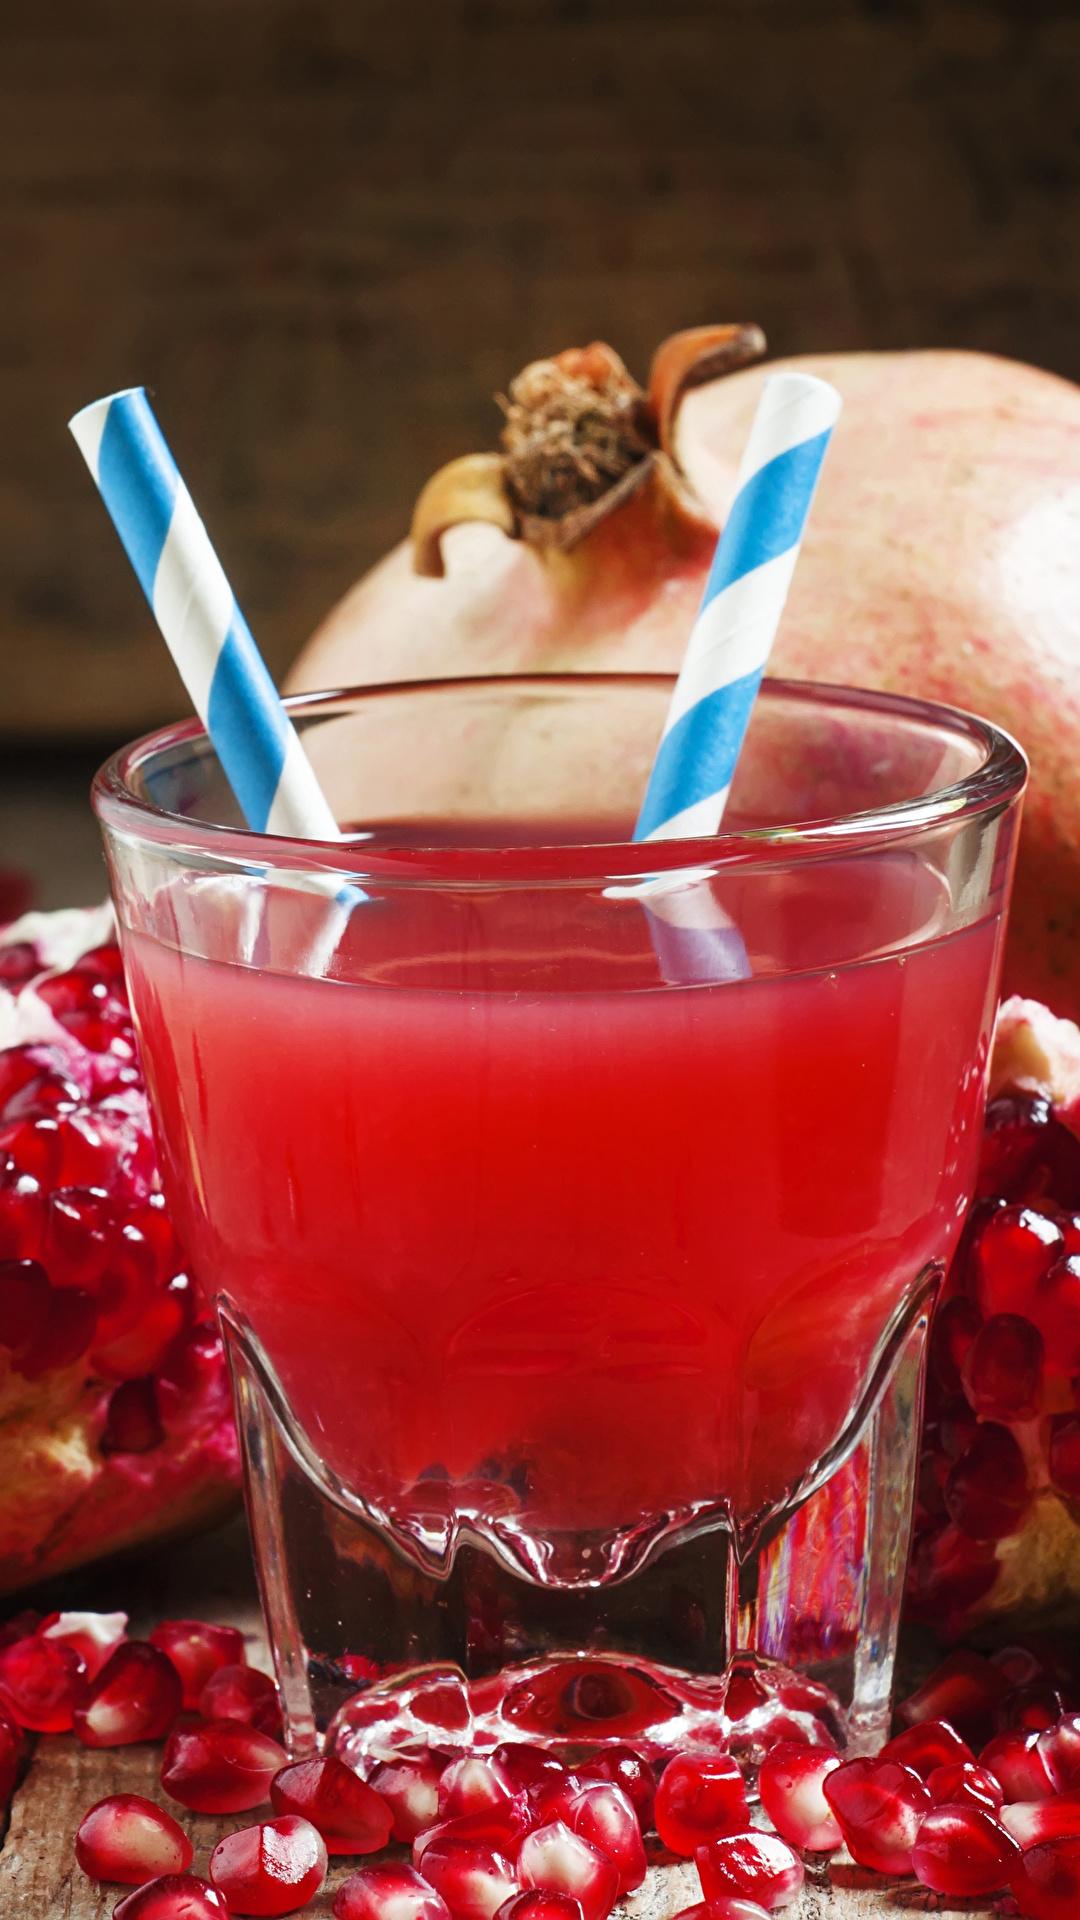 Фотографии Сок Зерна Гранат стакане Еда 1080x1920 для мобильного телефона зерно Стакан стакана Пища Продукты питания